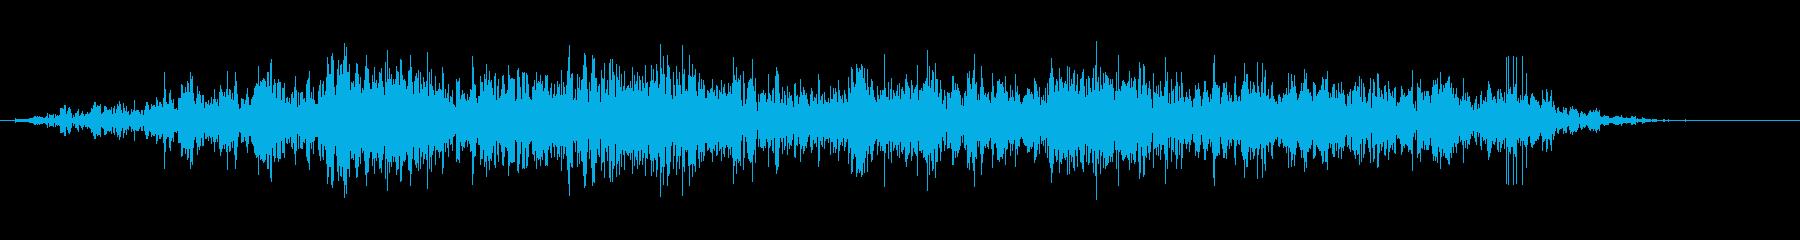 重い石のスライドの再生済みの波形